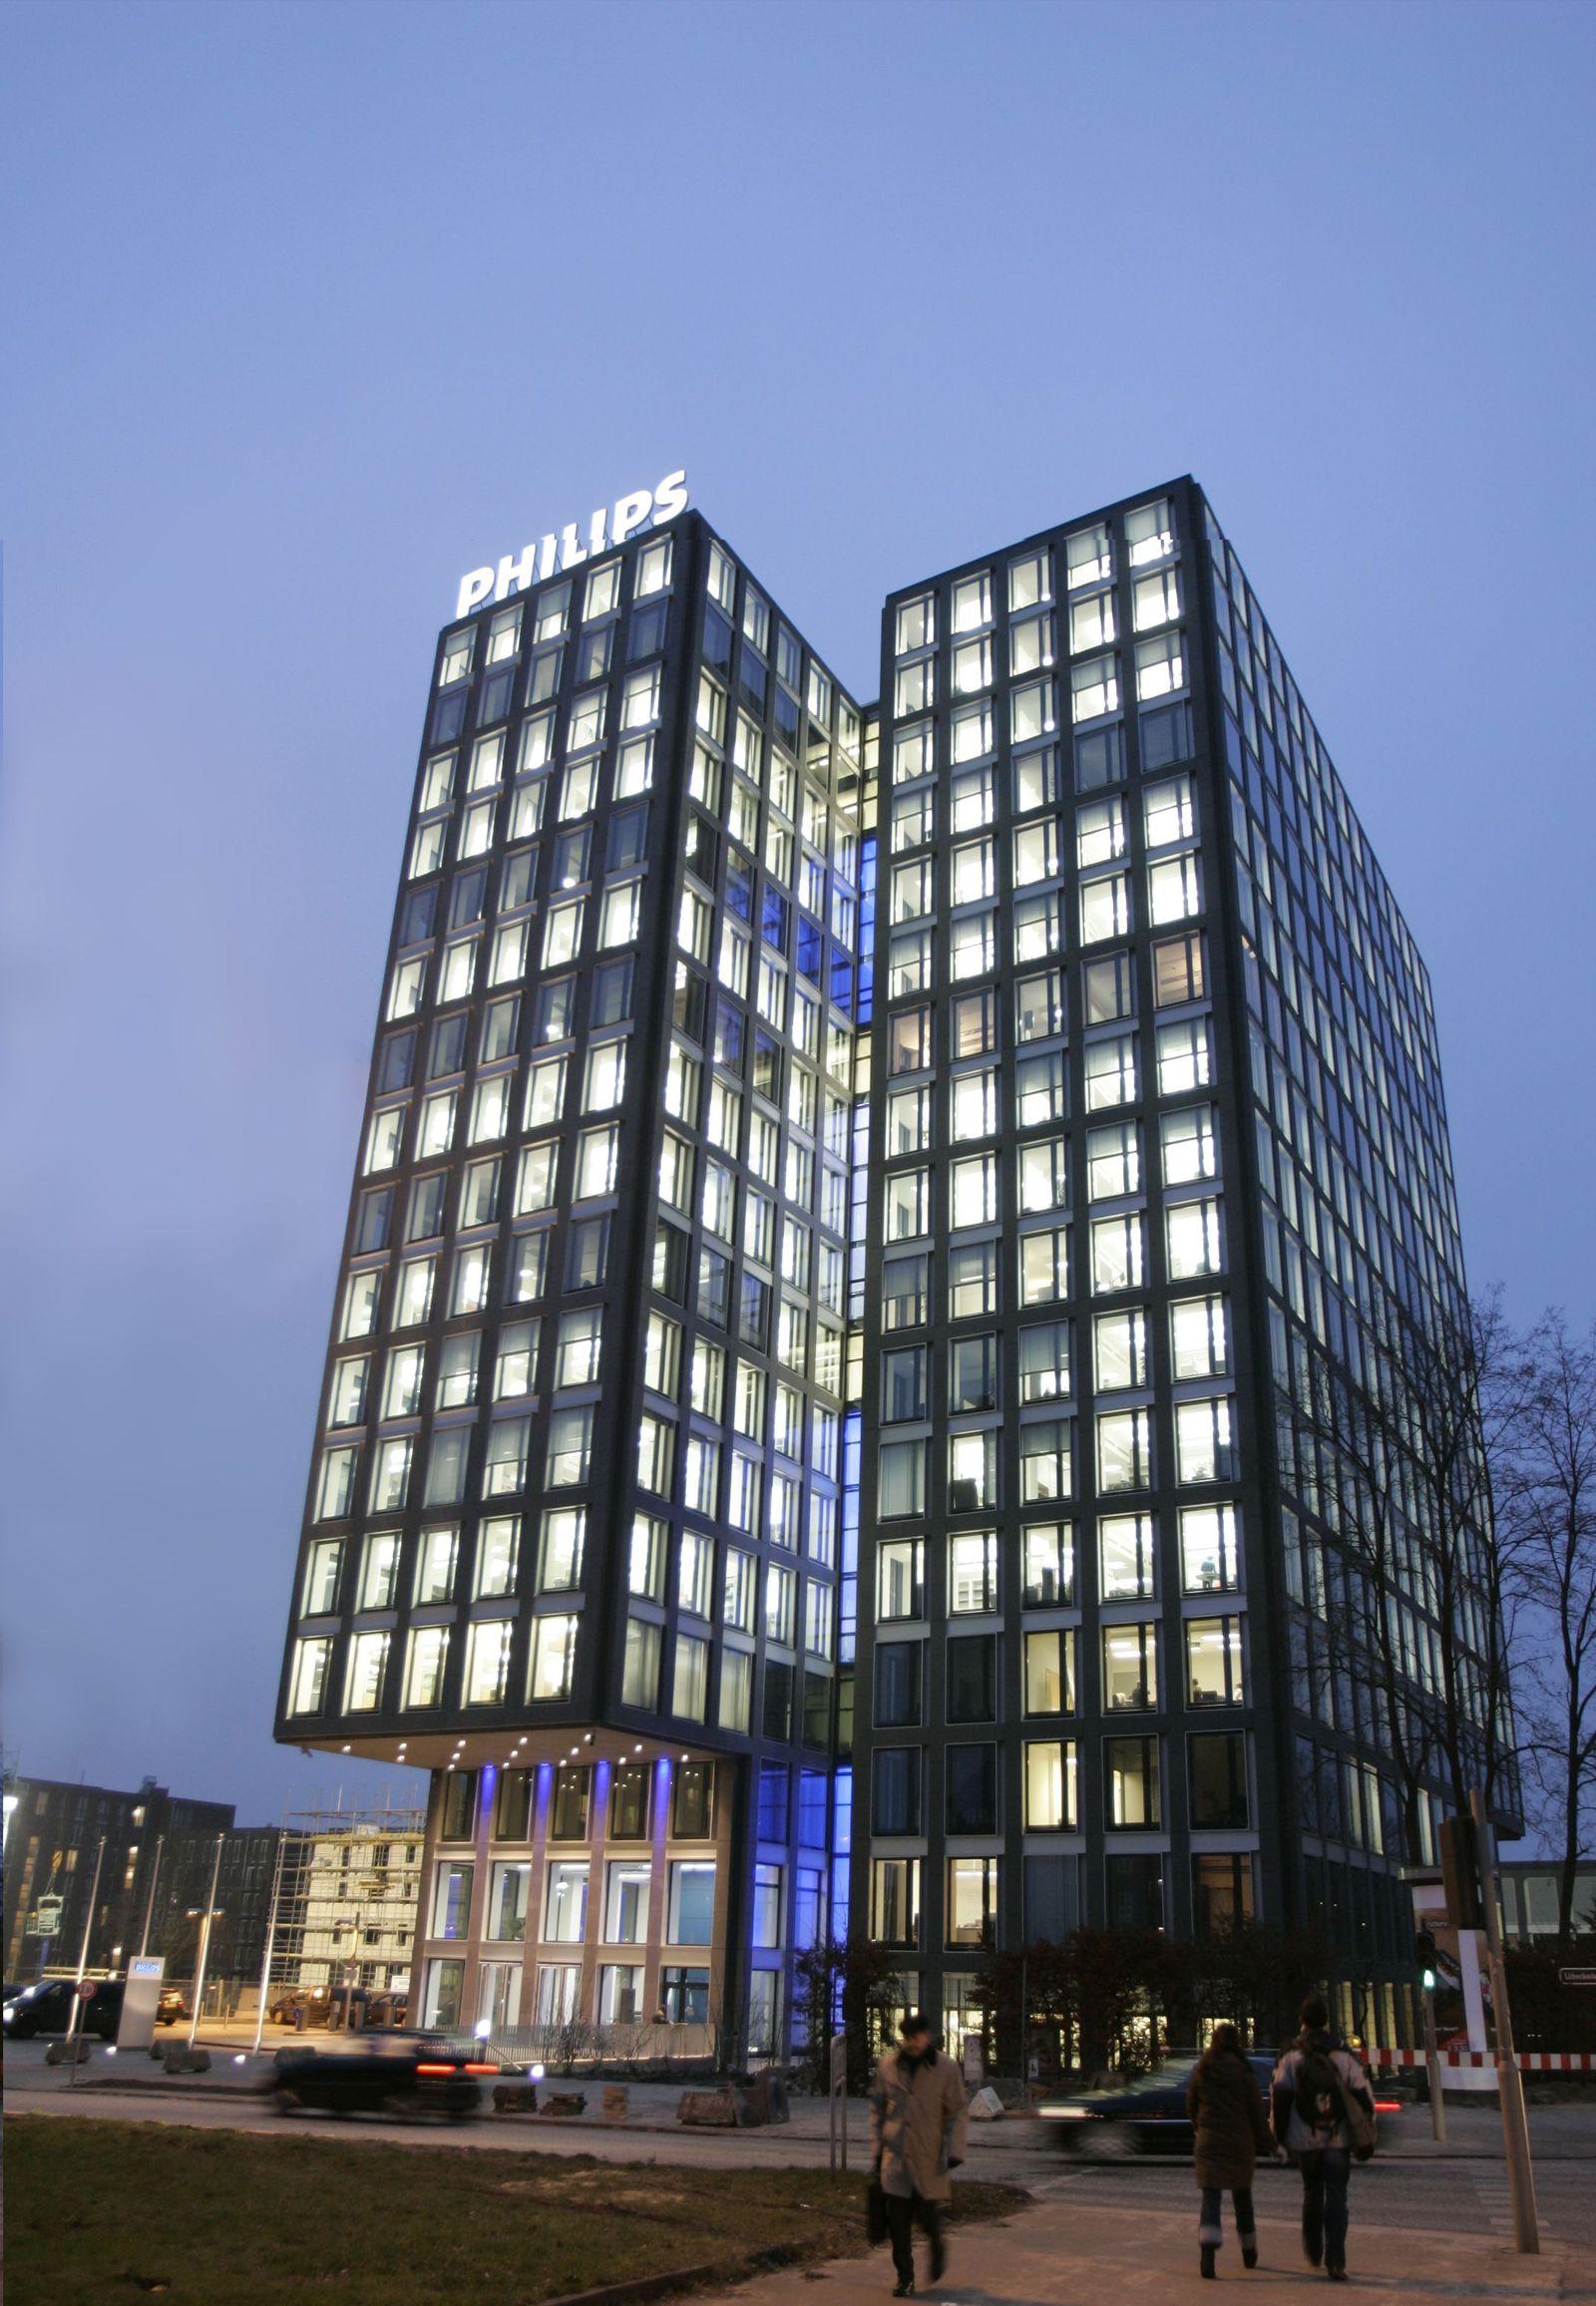 Philips Tower/ Konzernzentrale / HQ